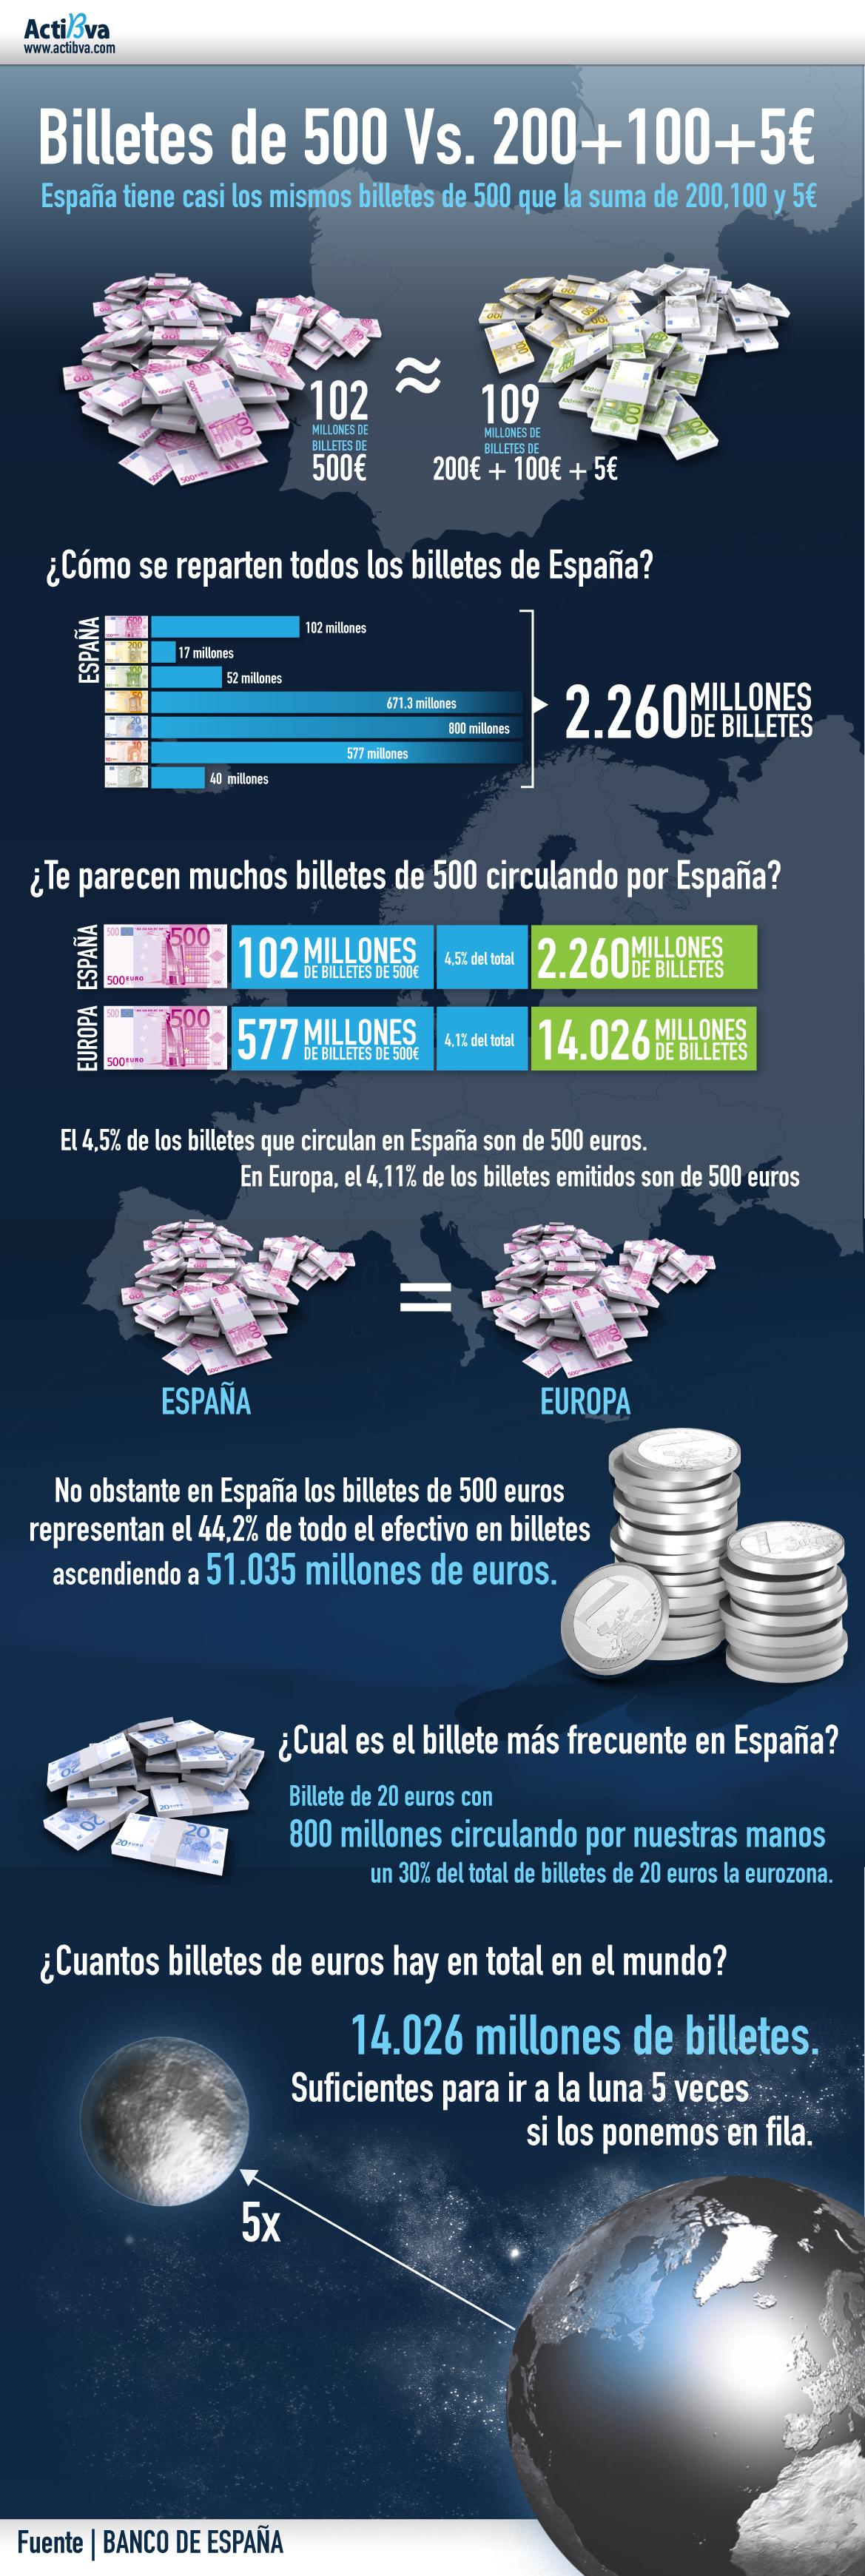 billetes-500-euros-espana